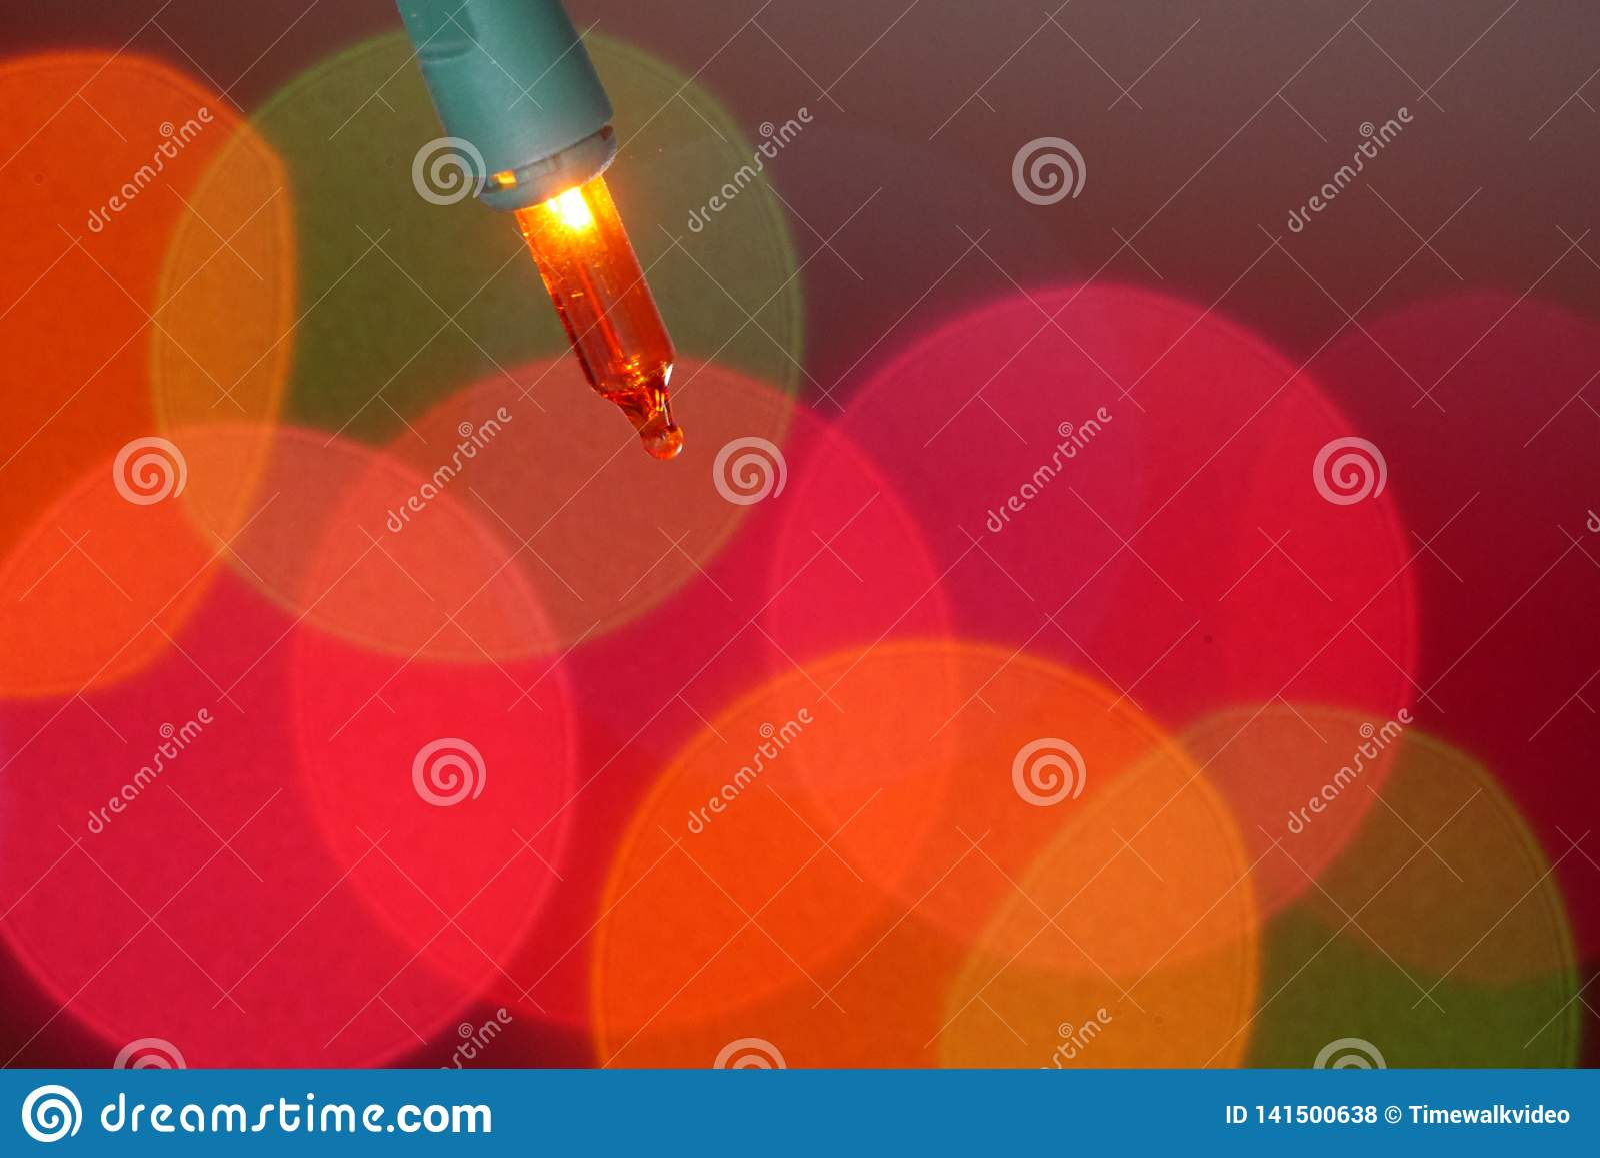 Шикарная съемка оранжевой лампочки рождественской елки